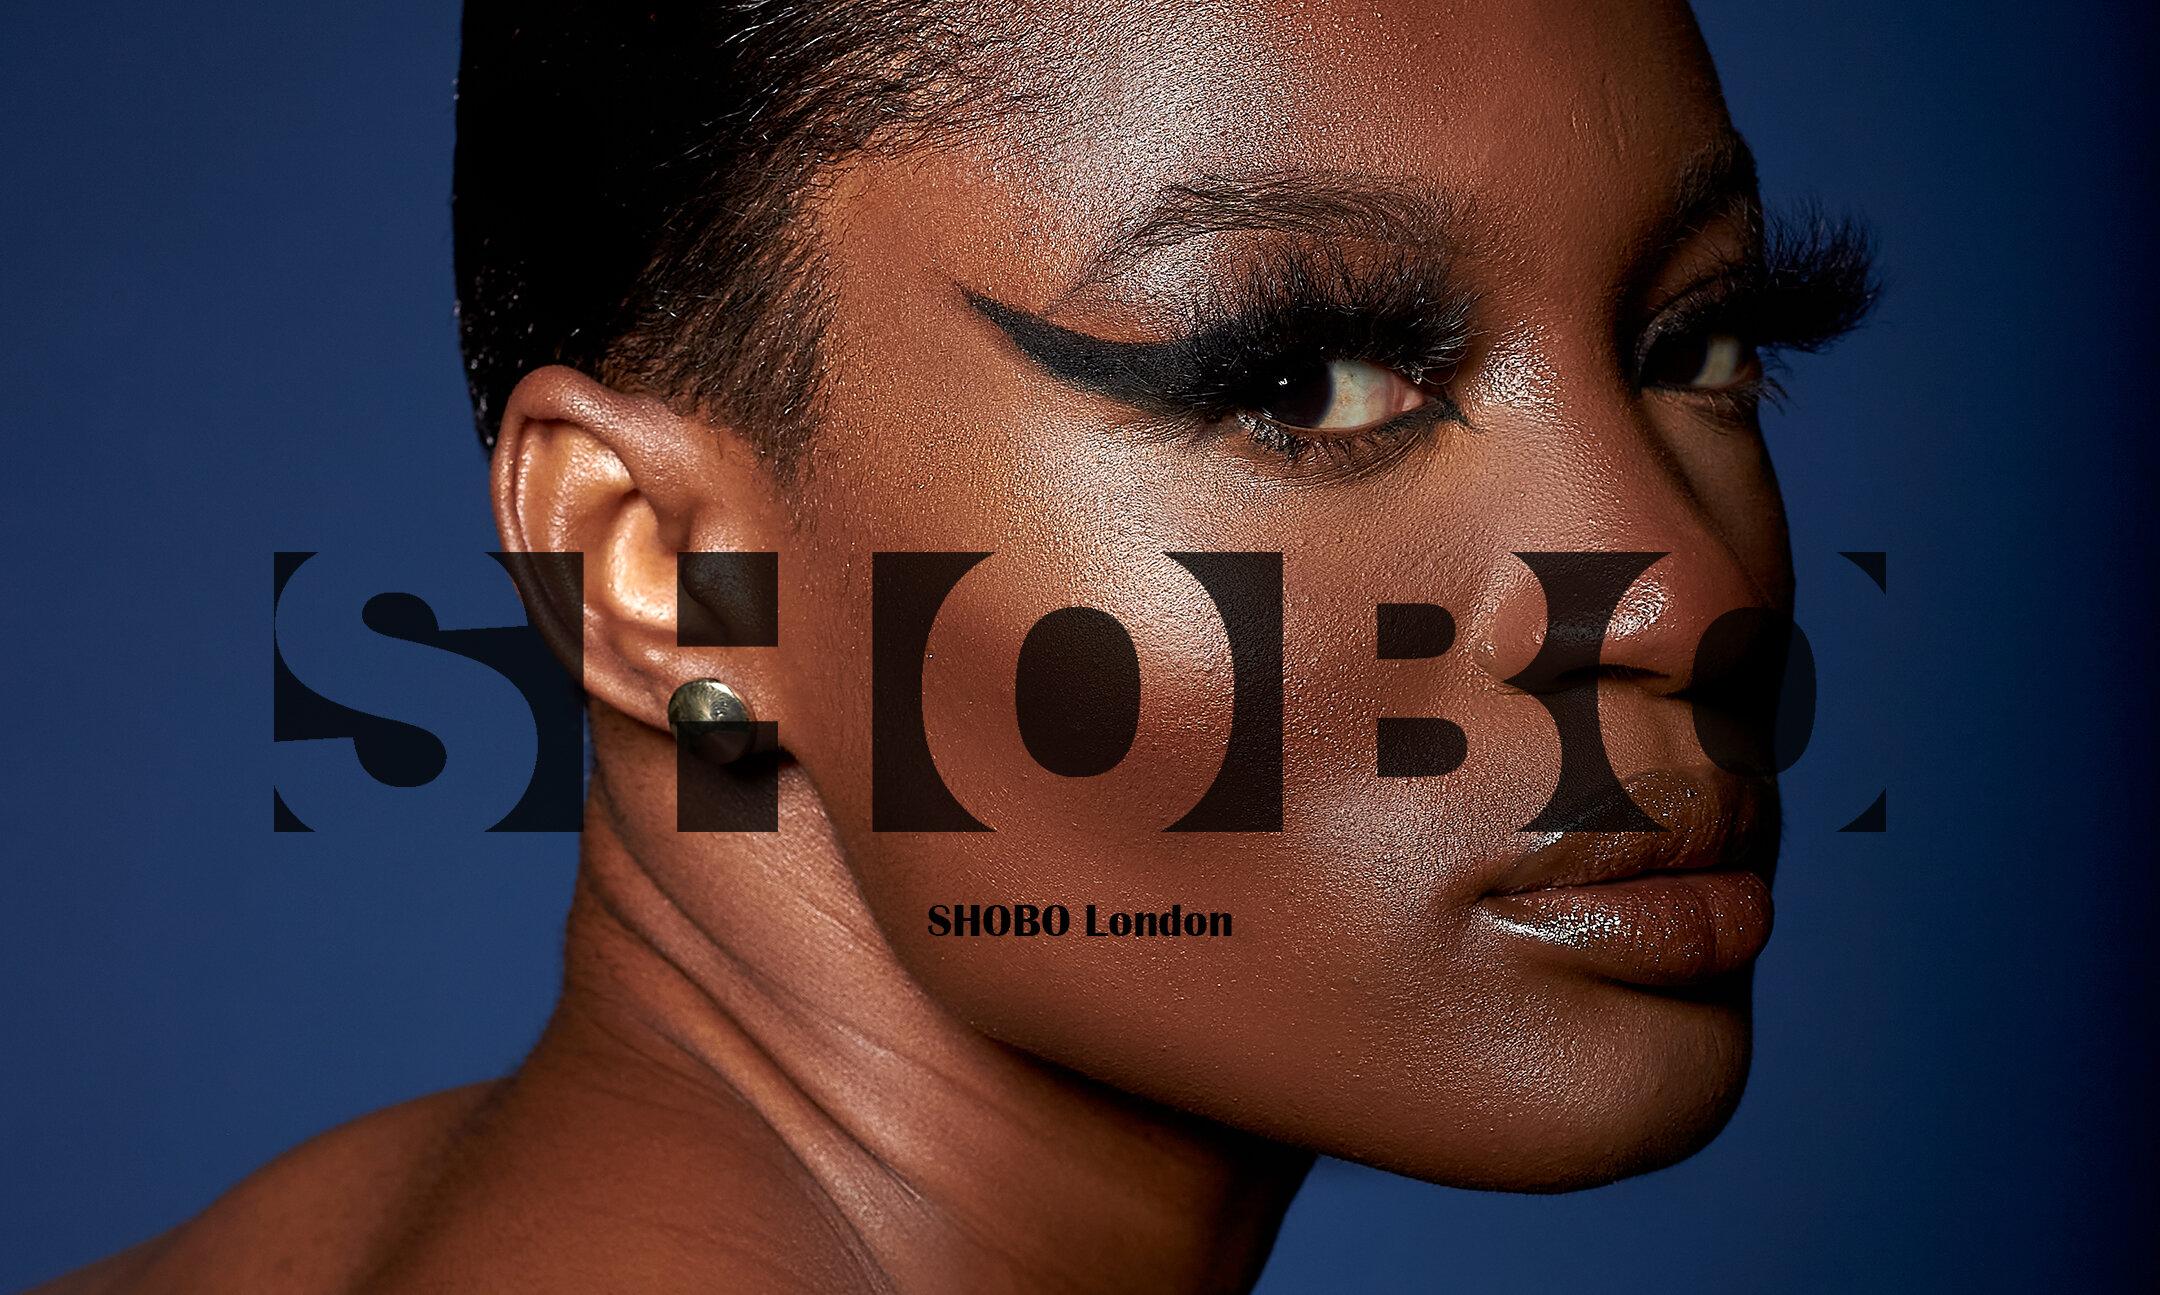 shobolondon.com